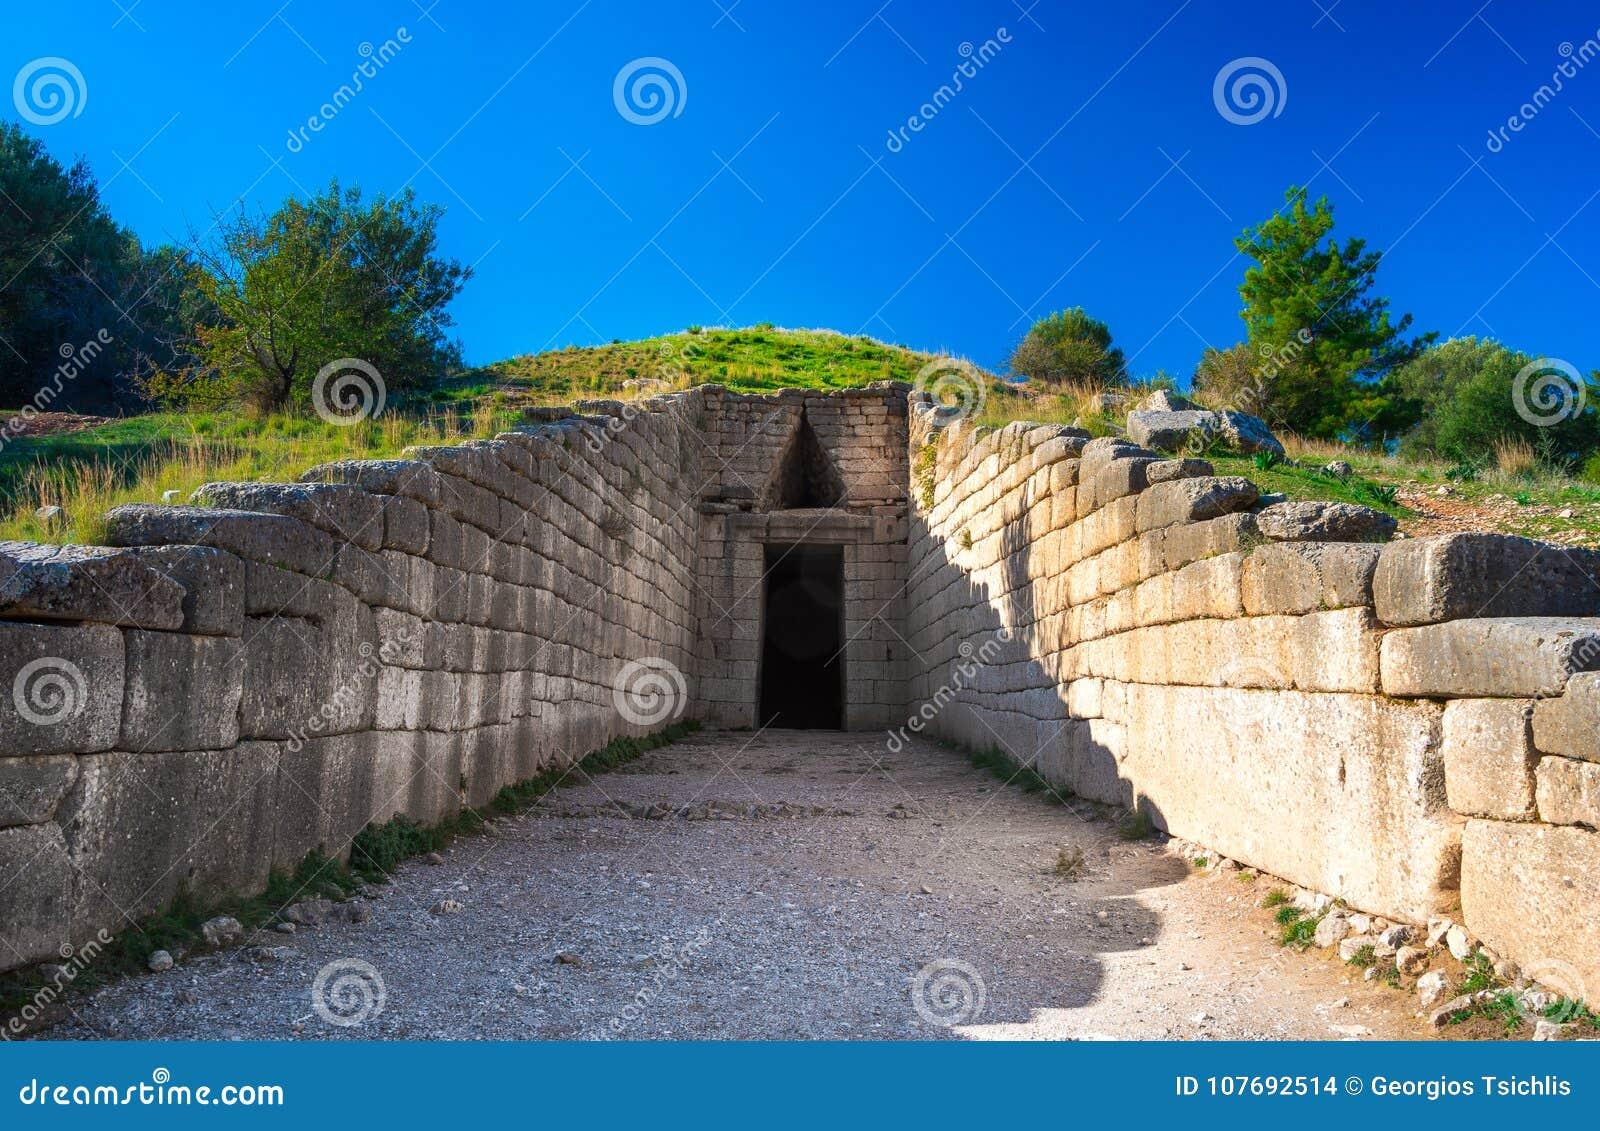 Die archäologische Fundstätte von Mycenae nahe dem Dorf von Mykines, mit alten Gräbern, riesigen Wänden und dem berühmten Löwetor